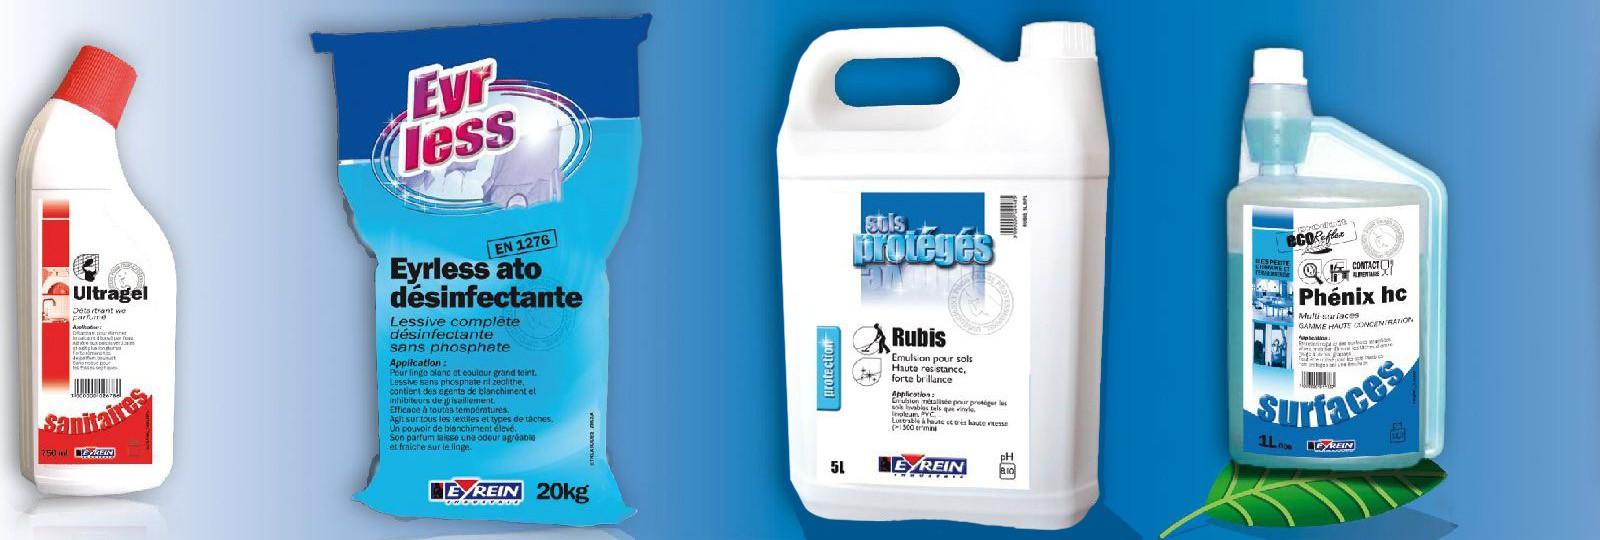 EYREIN Industrie a conçu une gamme de produits très complète adaptée à chaque métier